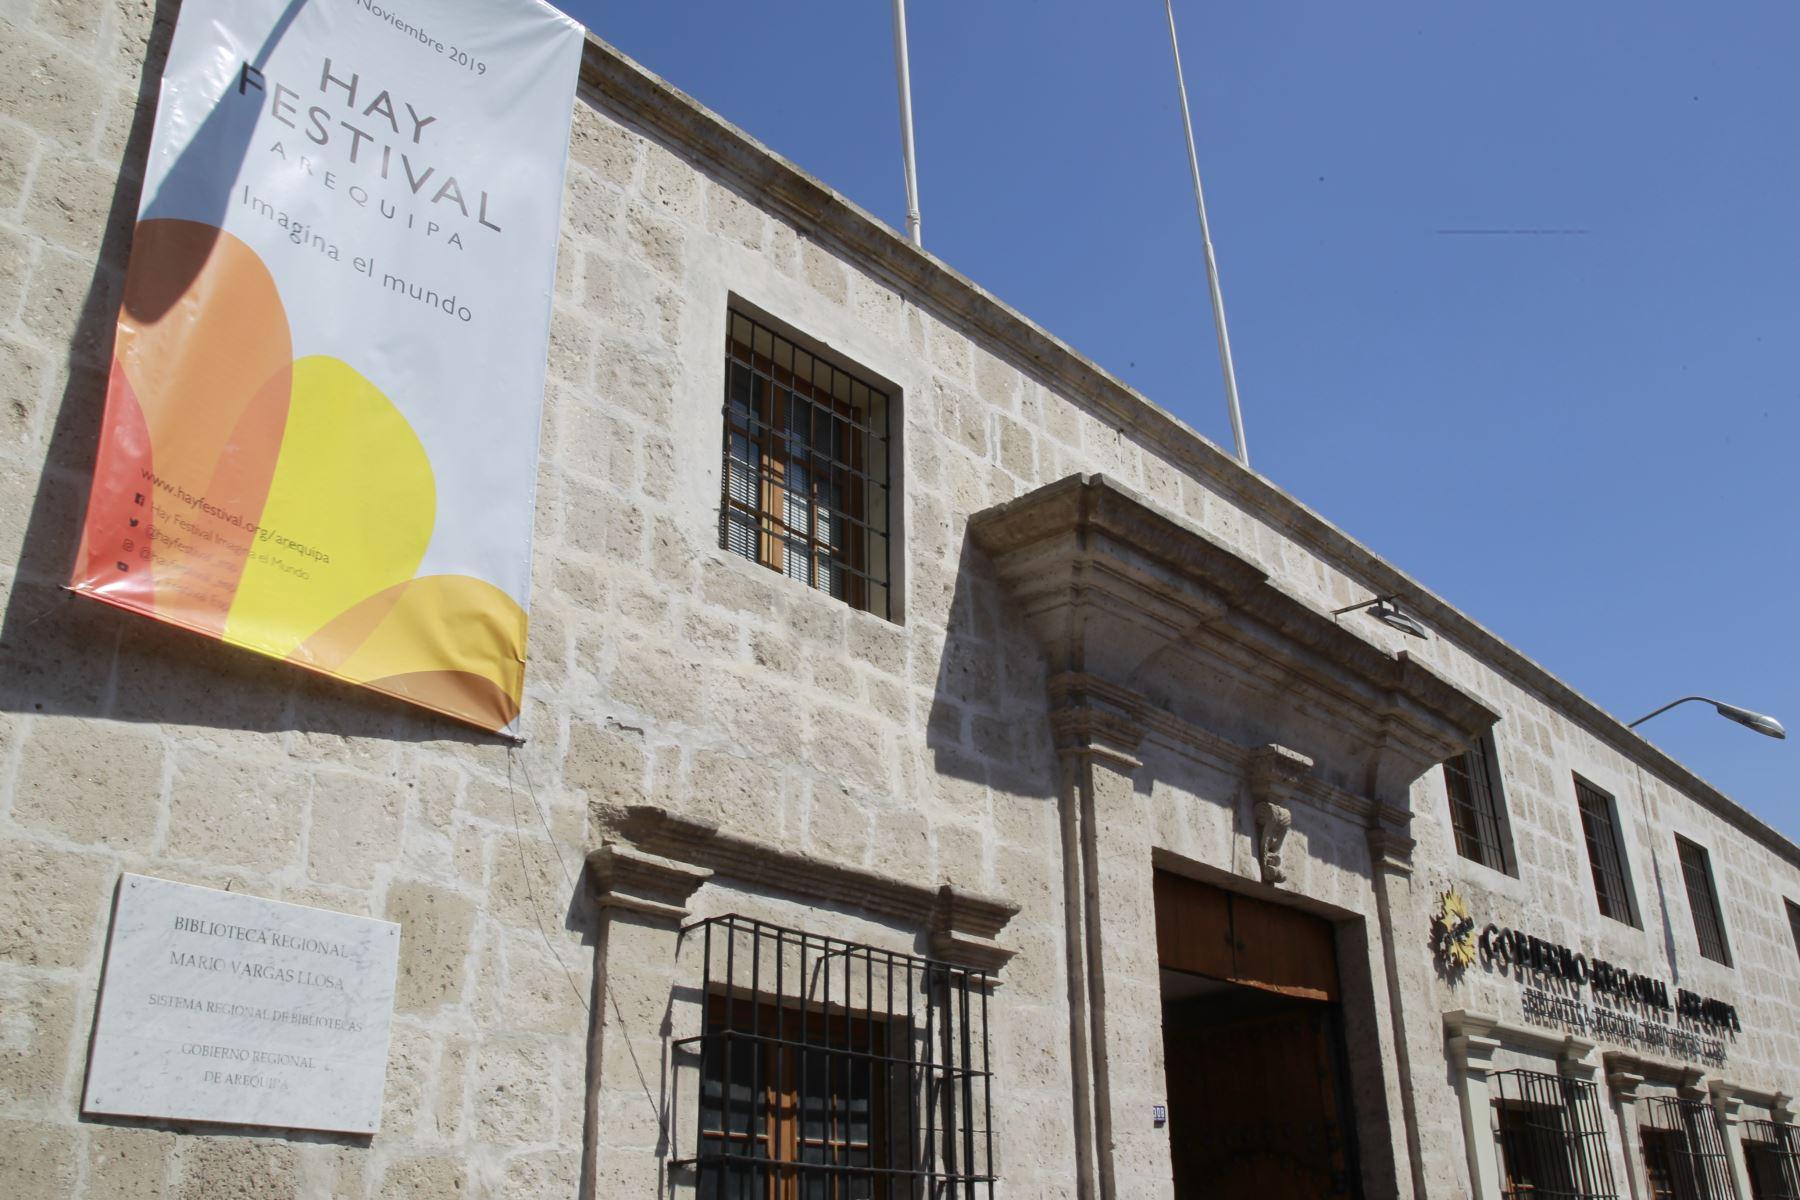 Biblioteca Regional Mario Vargas Llosa, una de las sedes de Hay Festival Arequipa. ANDINA